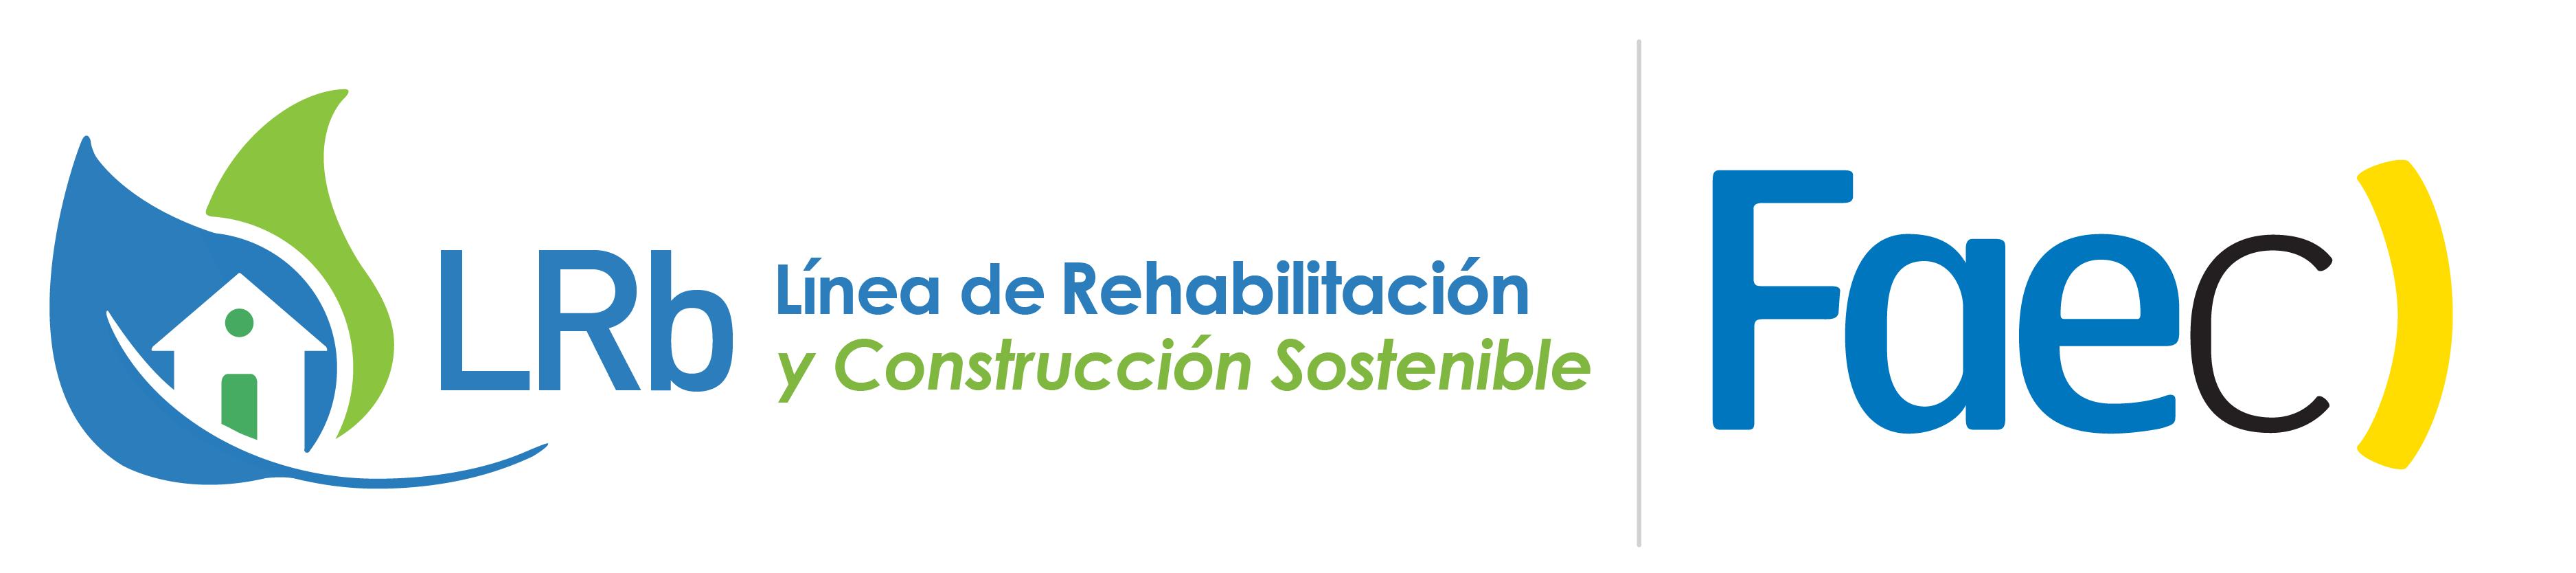 Línea de Rehabilitación FAEC